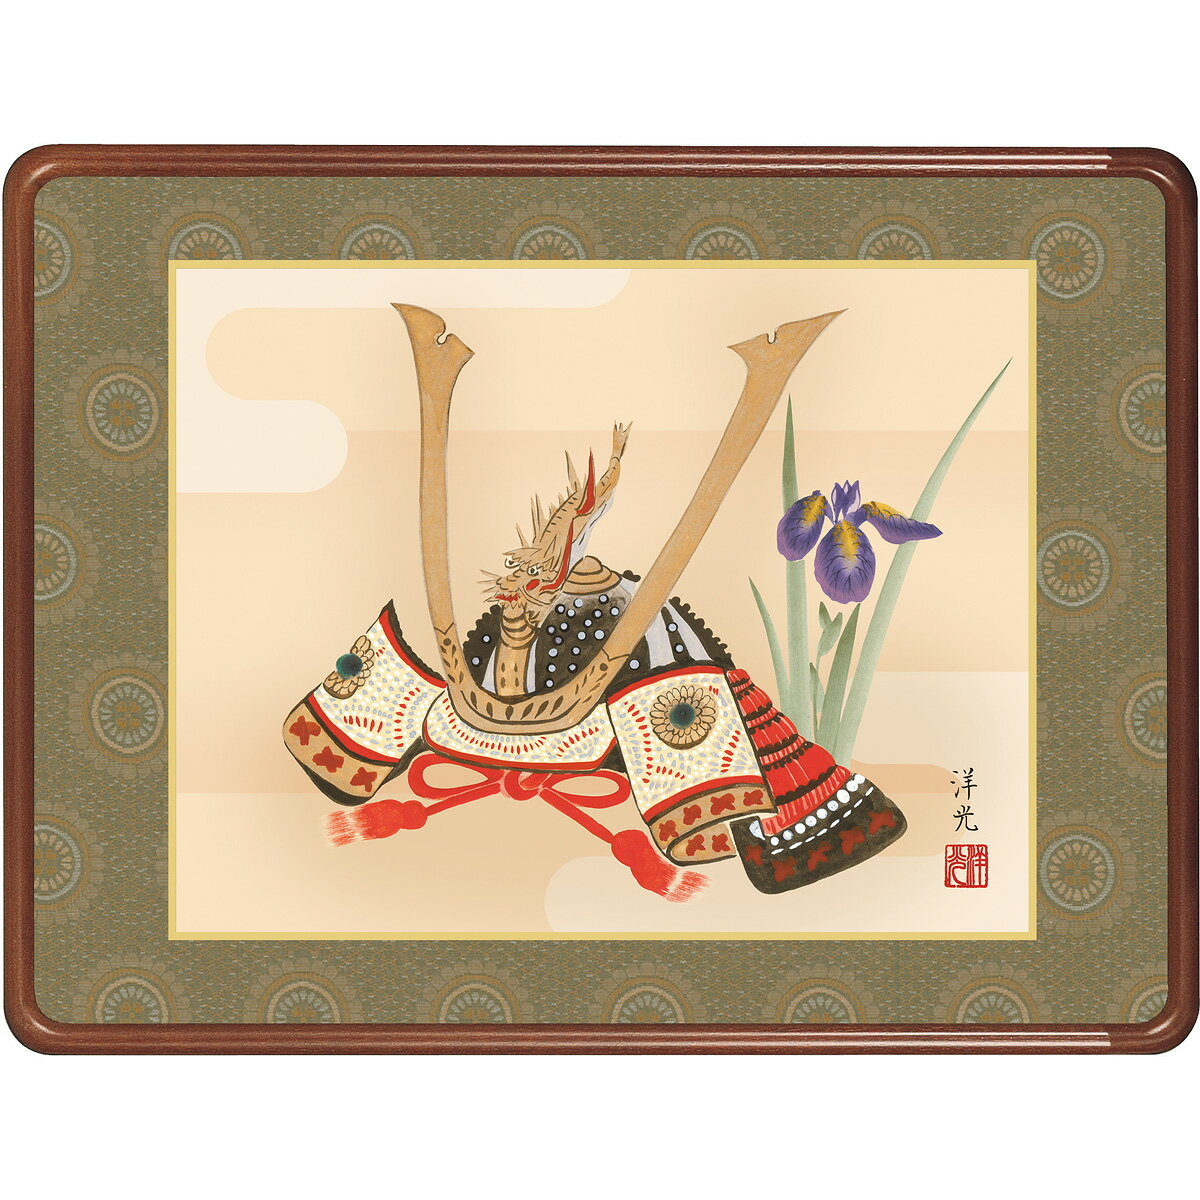 端午の節句 正月 掛け軸 掛軸 「井川洋光(幸洋会)作 兜」 ●正月飾り 端午の節句